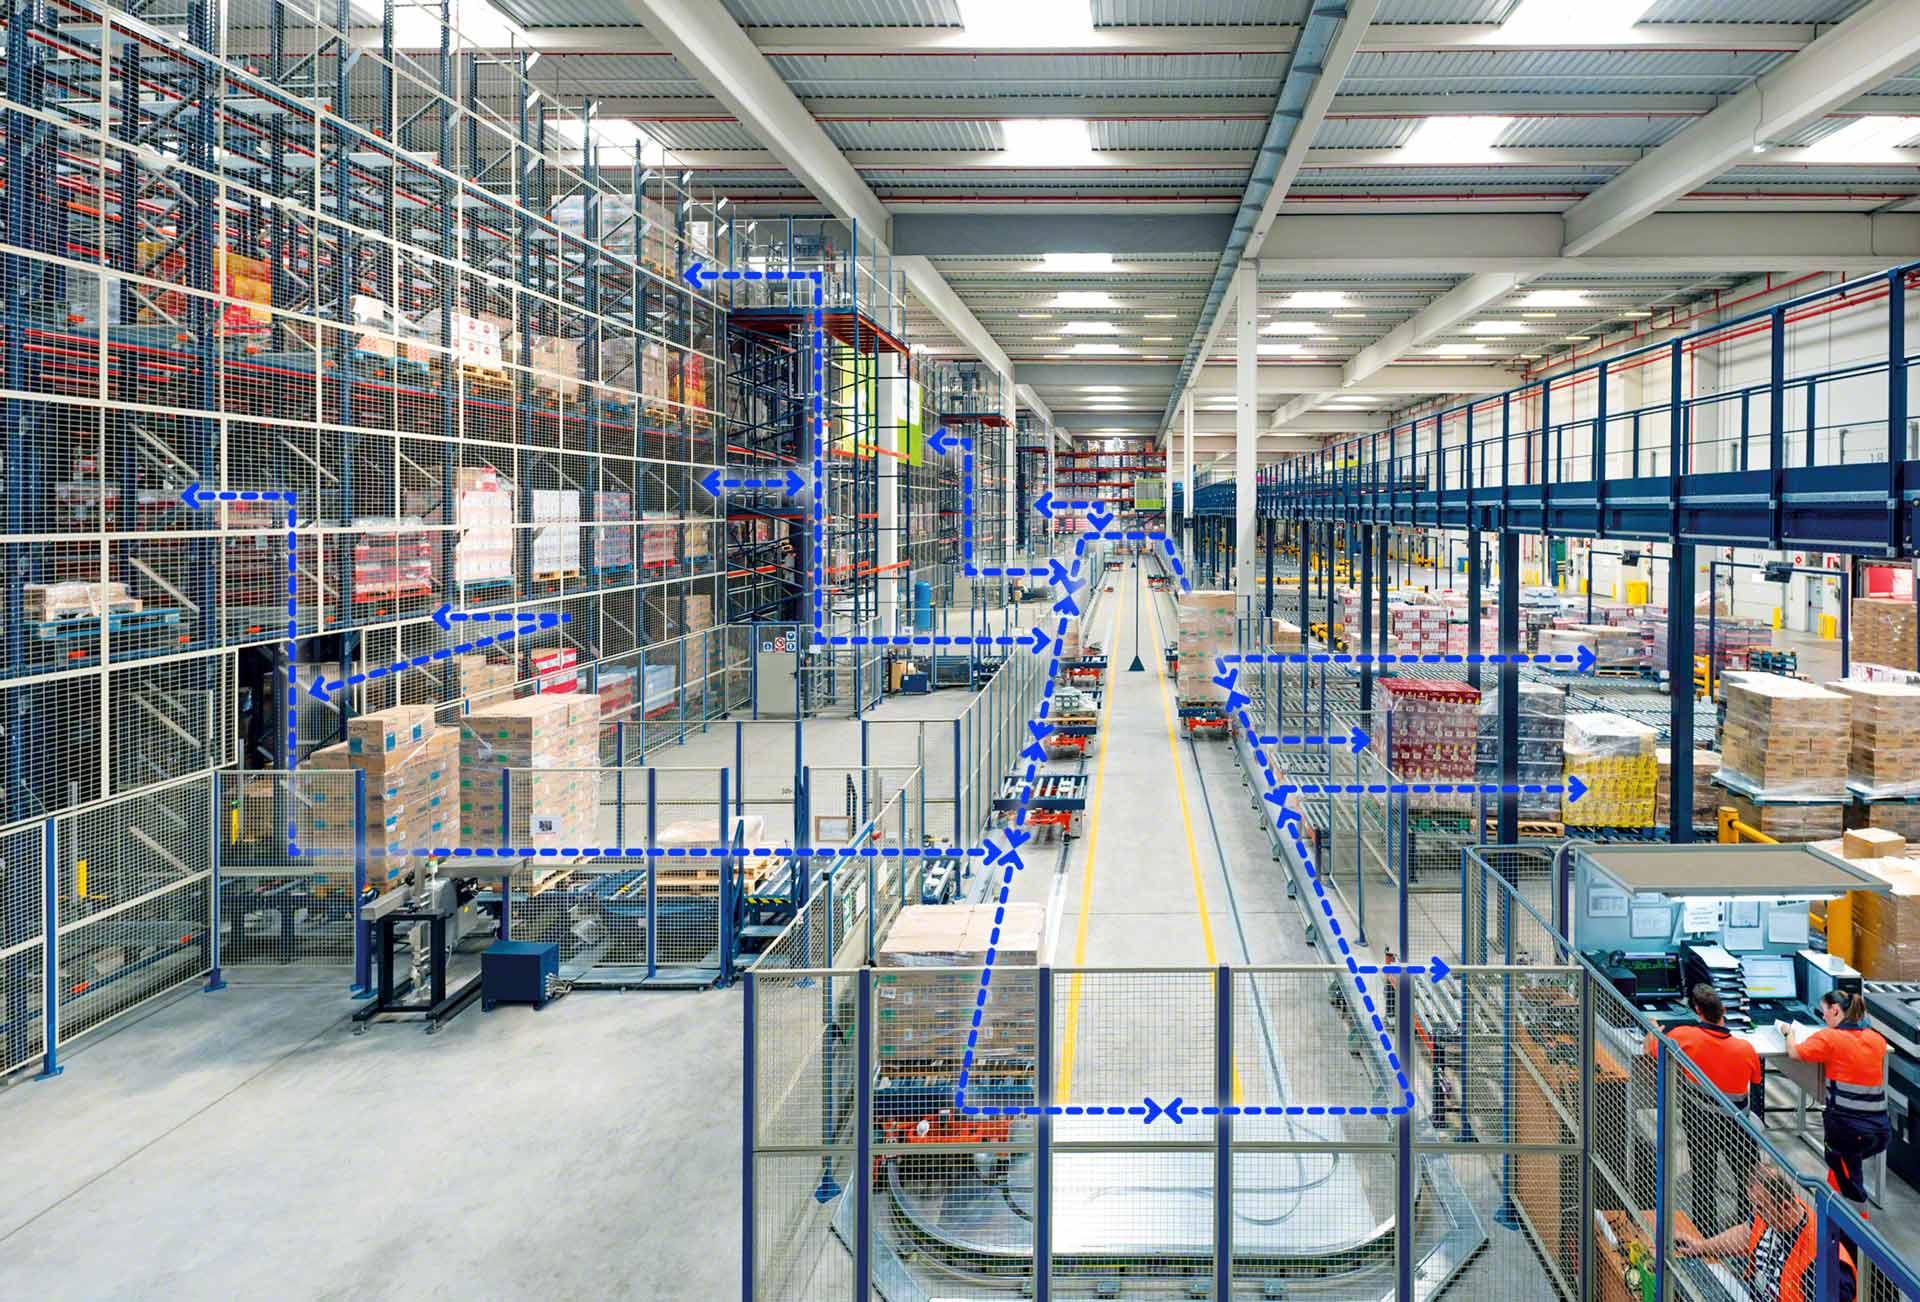 El flujo logístico de una empresa debe ser eficiente con vistas a potenciar el rendimiento de la cadena de suministro